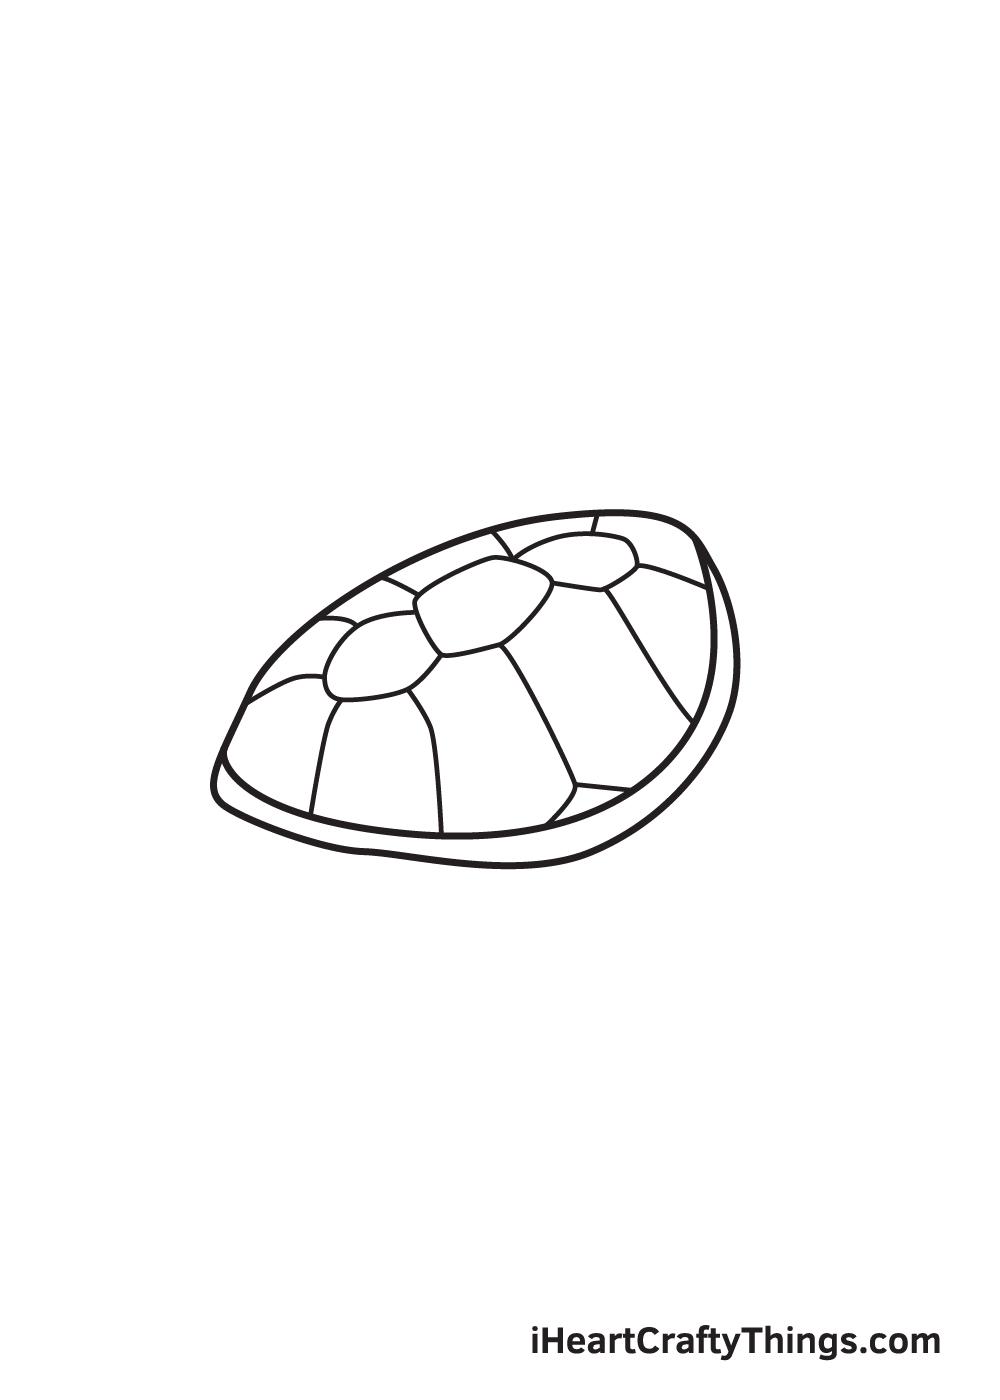 Vẽ rùa biển - Bước 5